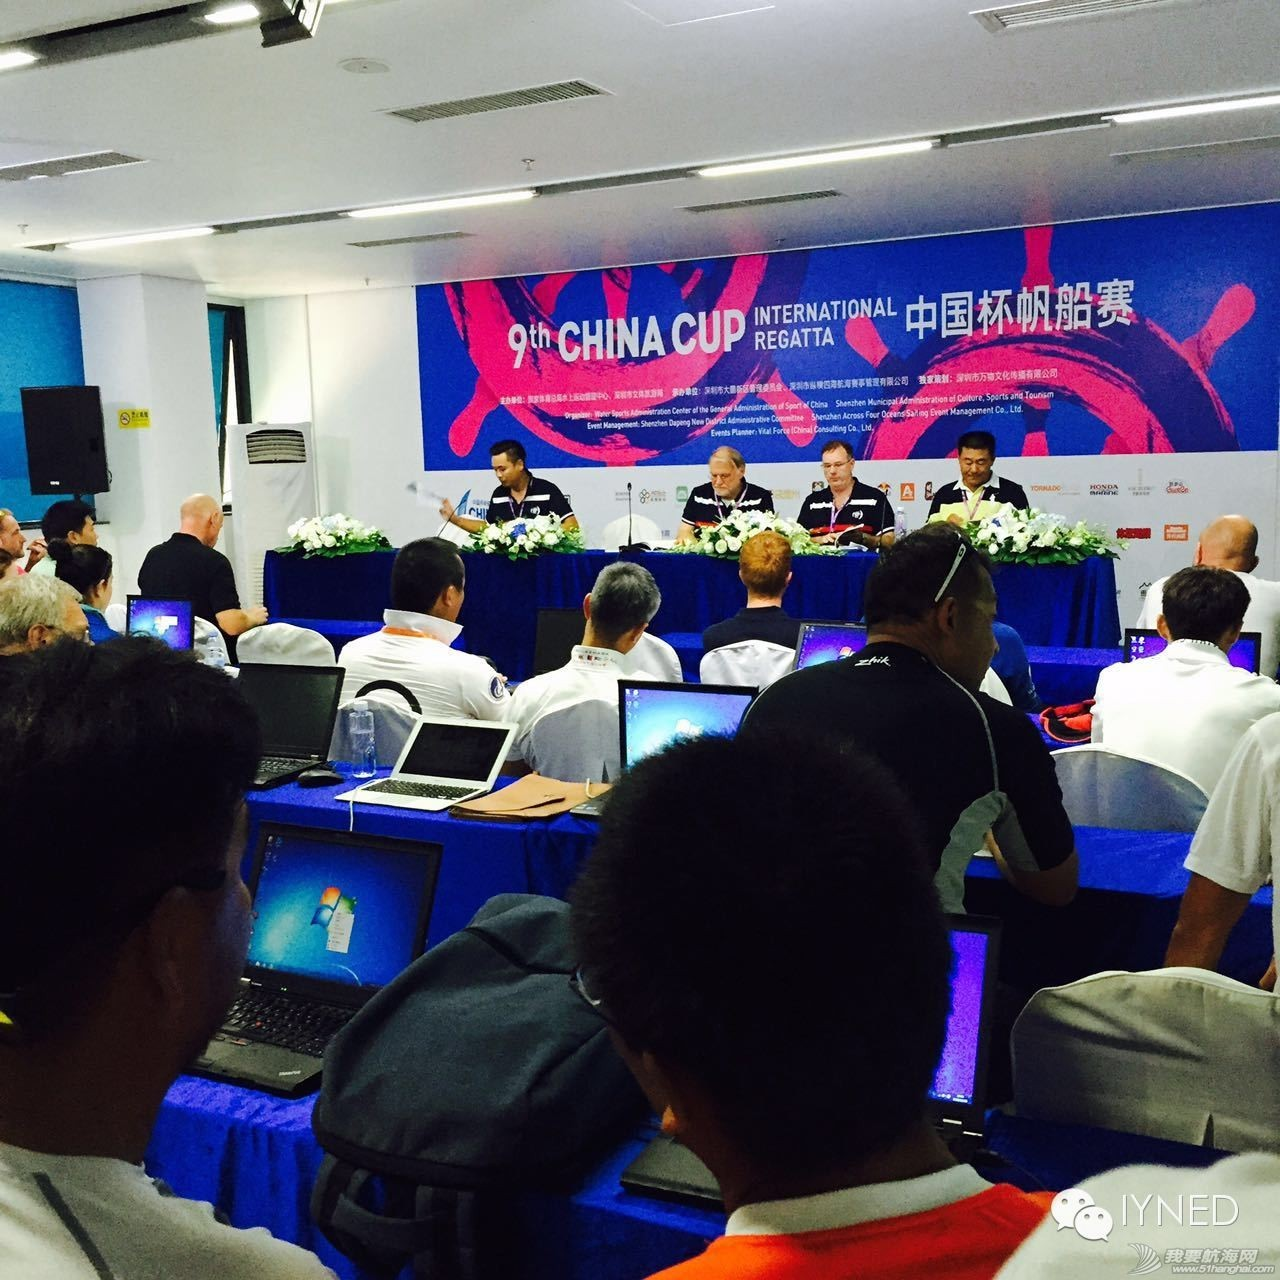 中国杯后,清华帆协对帆船界不得不说的话 f1eb03295f12c4bc9cac9a9bc7460cbd.jpg